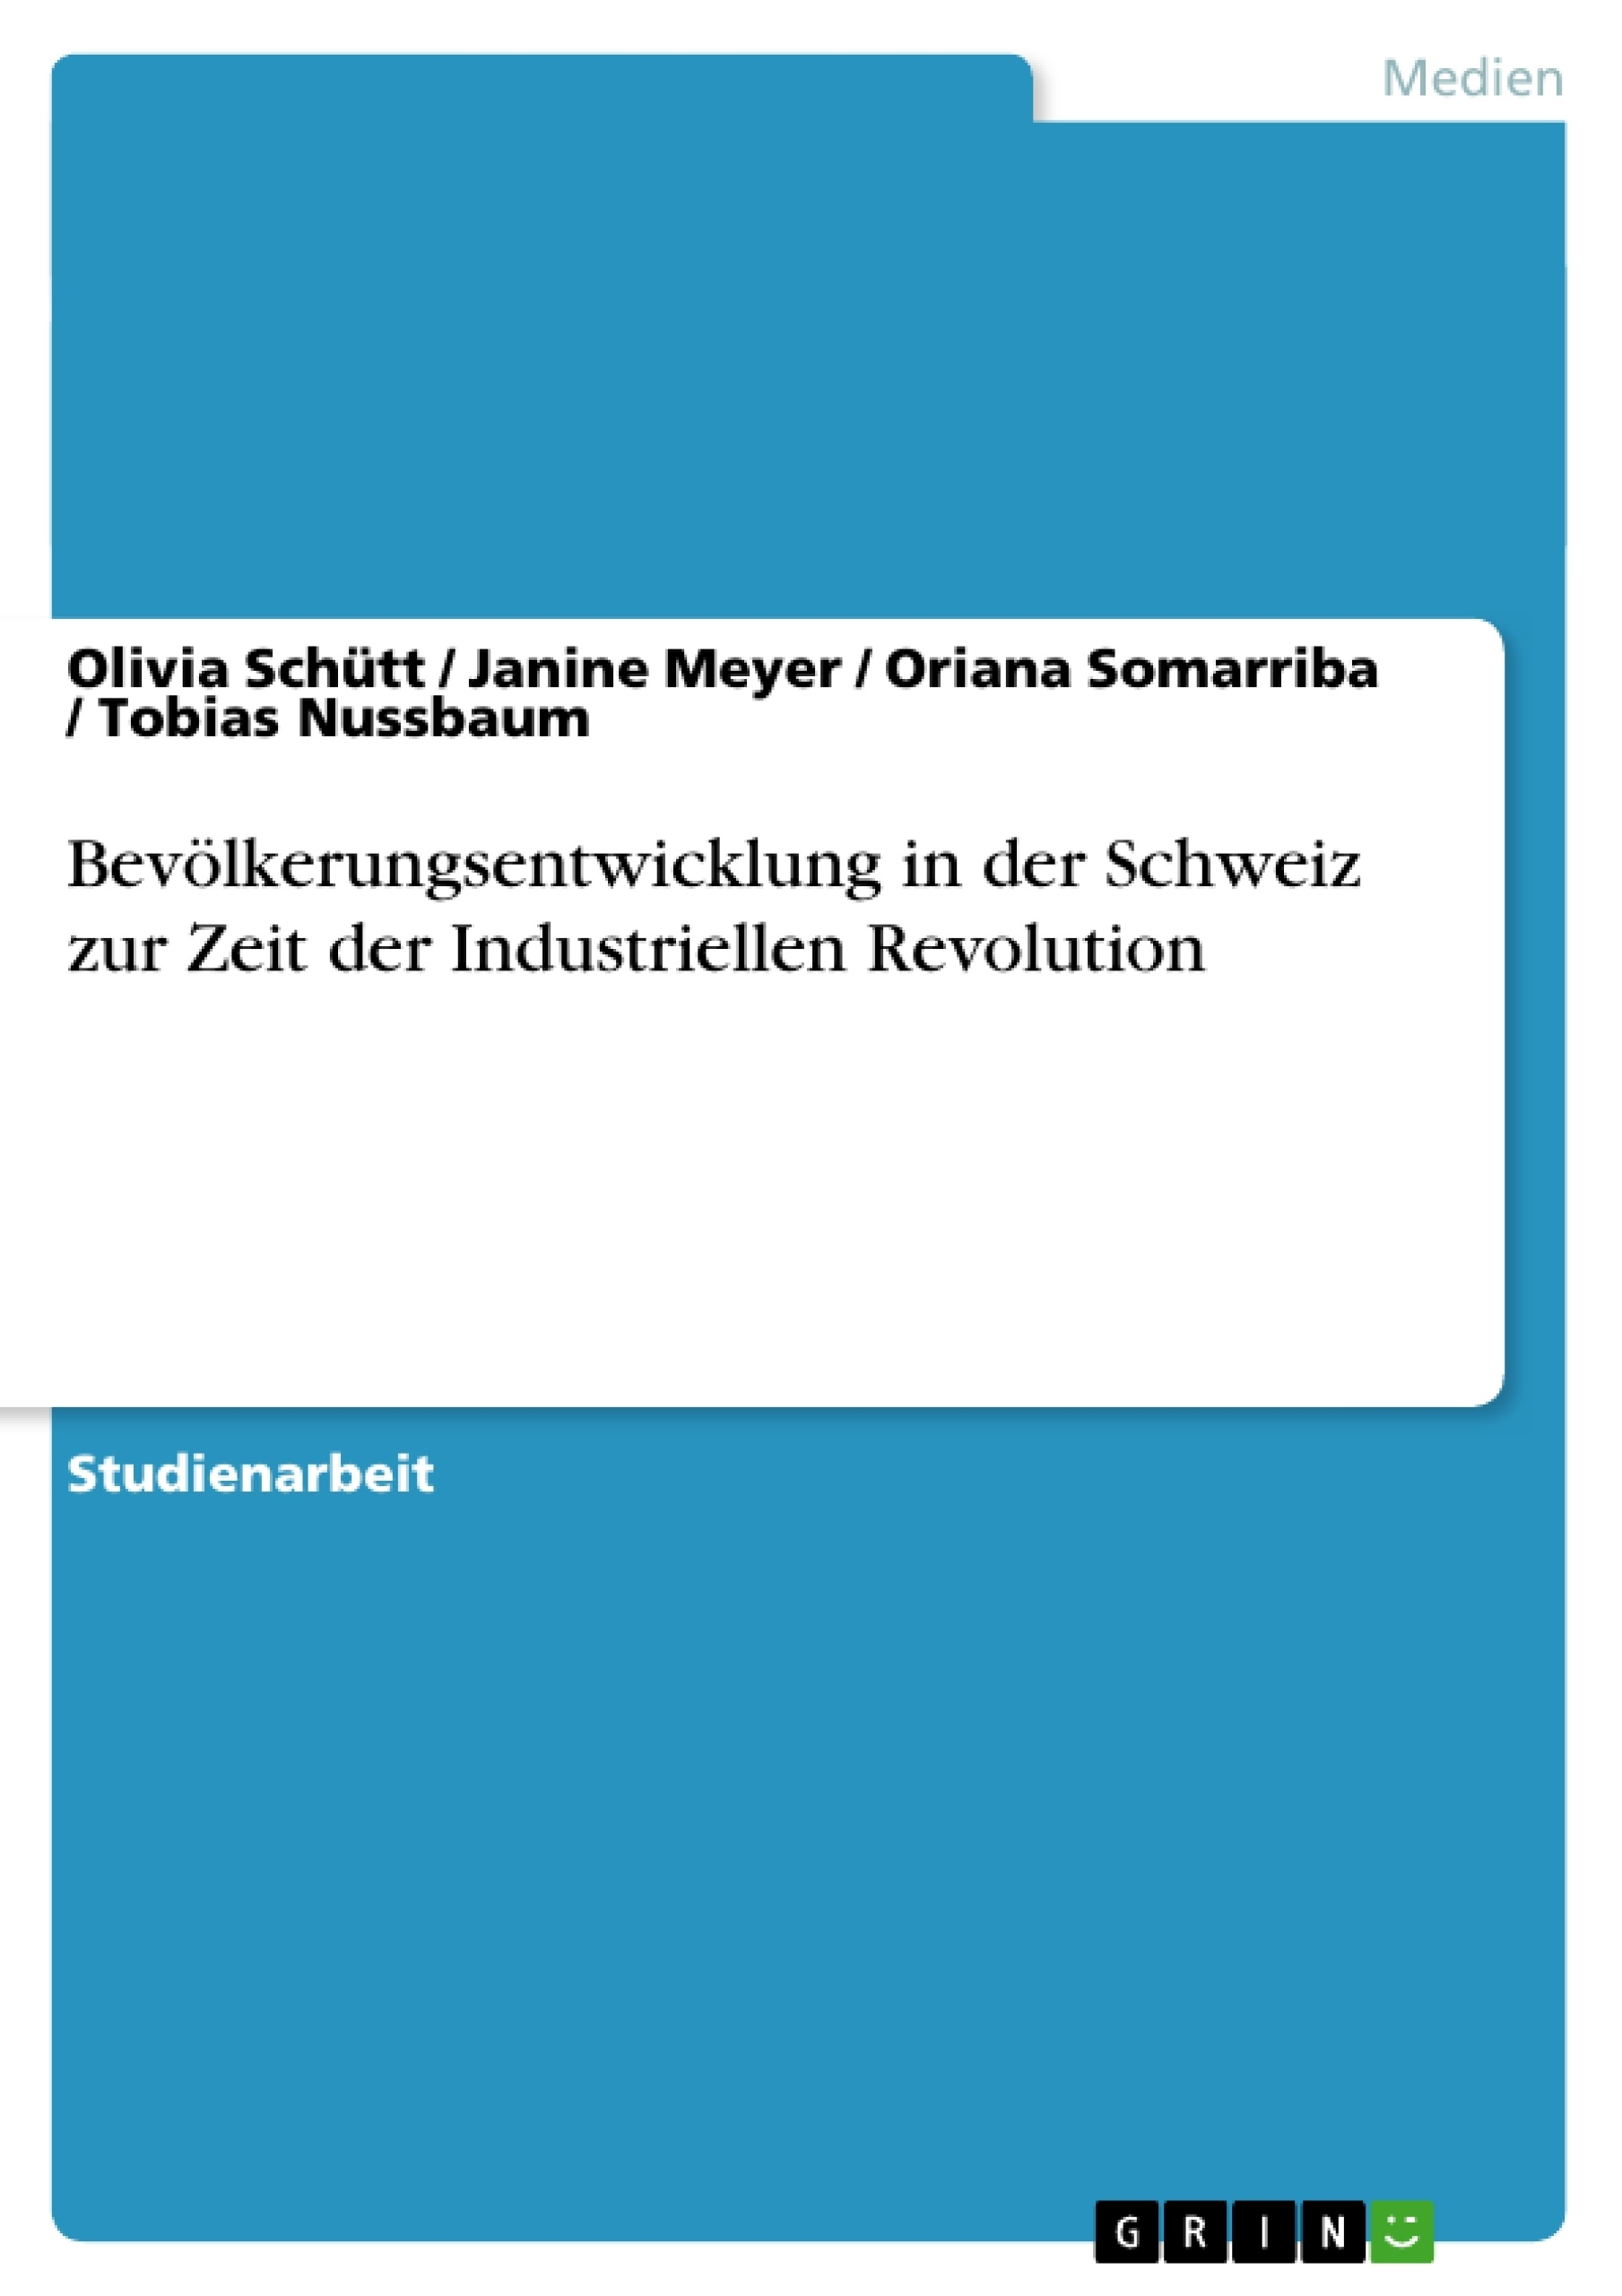 Titel: Bevölkerungsentwicklung in der Schweiz zur Zeit der Industriellen Revolution